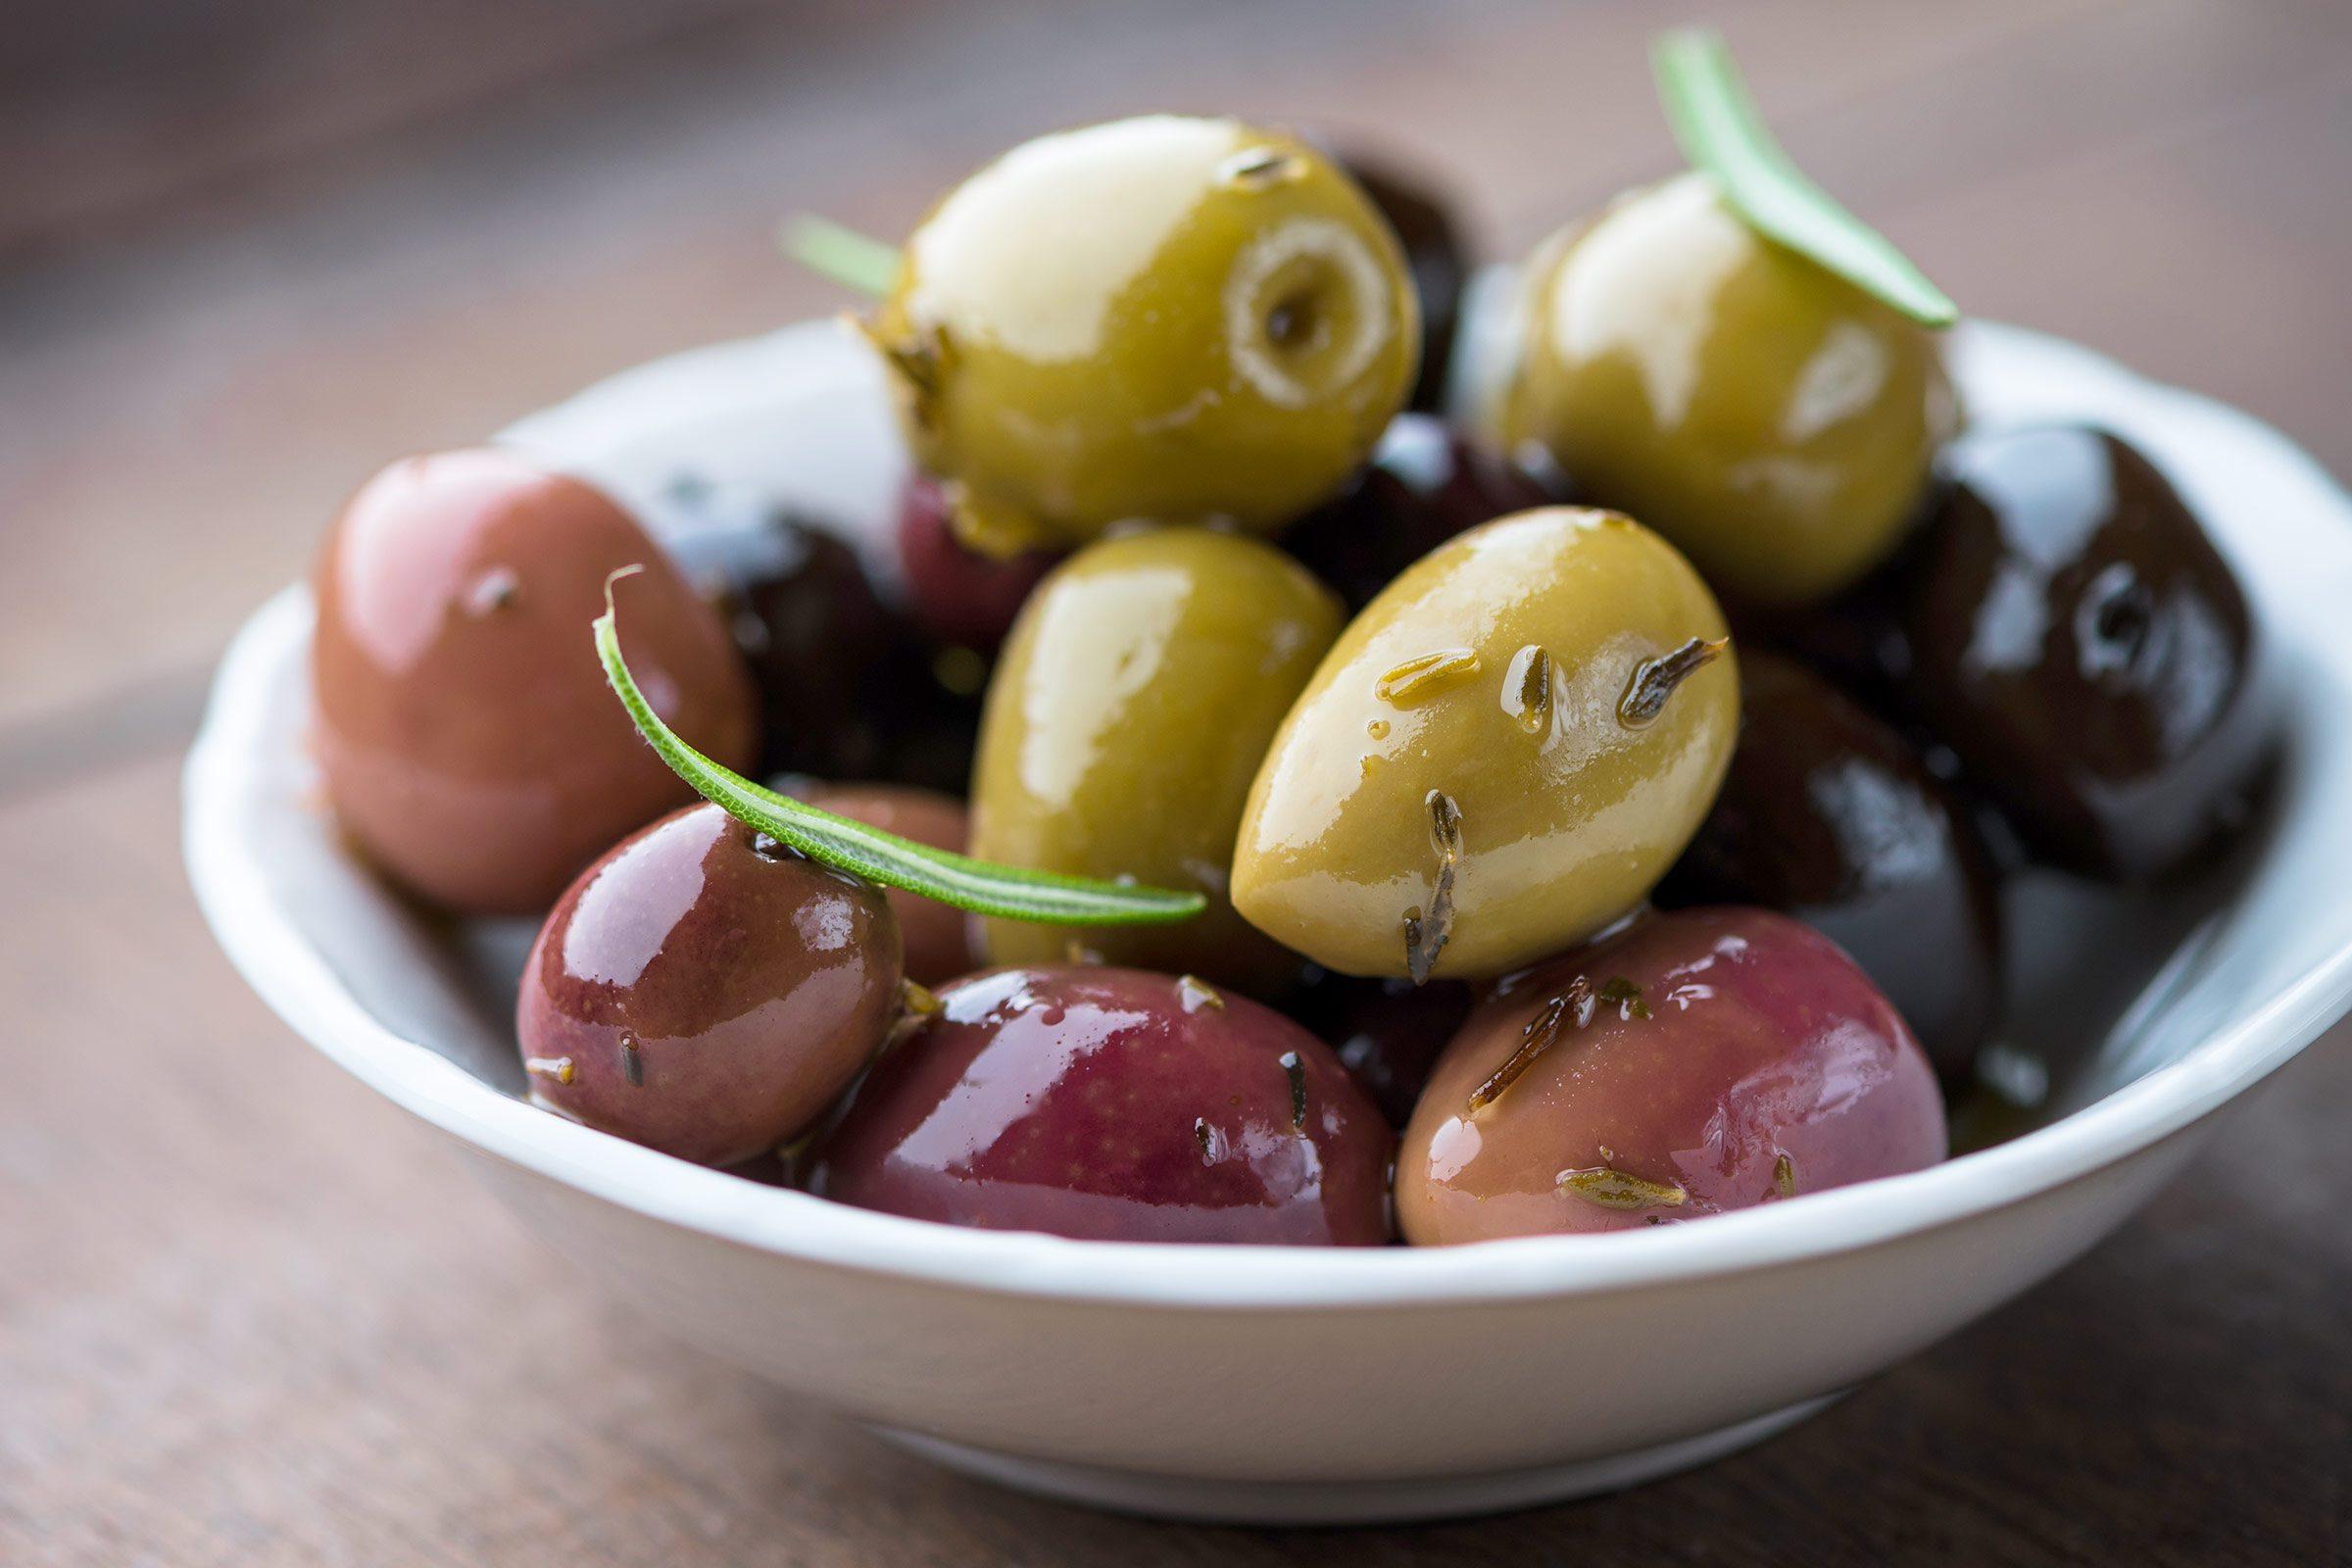 13. Green olives or black olives